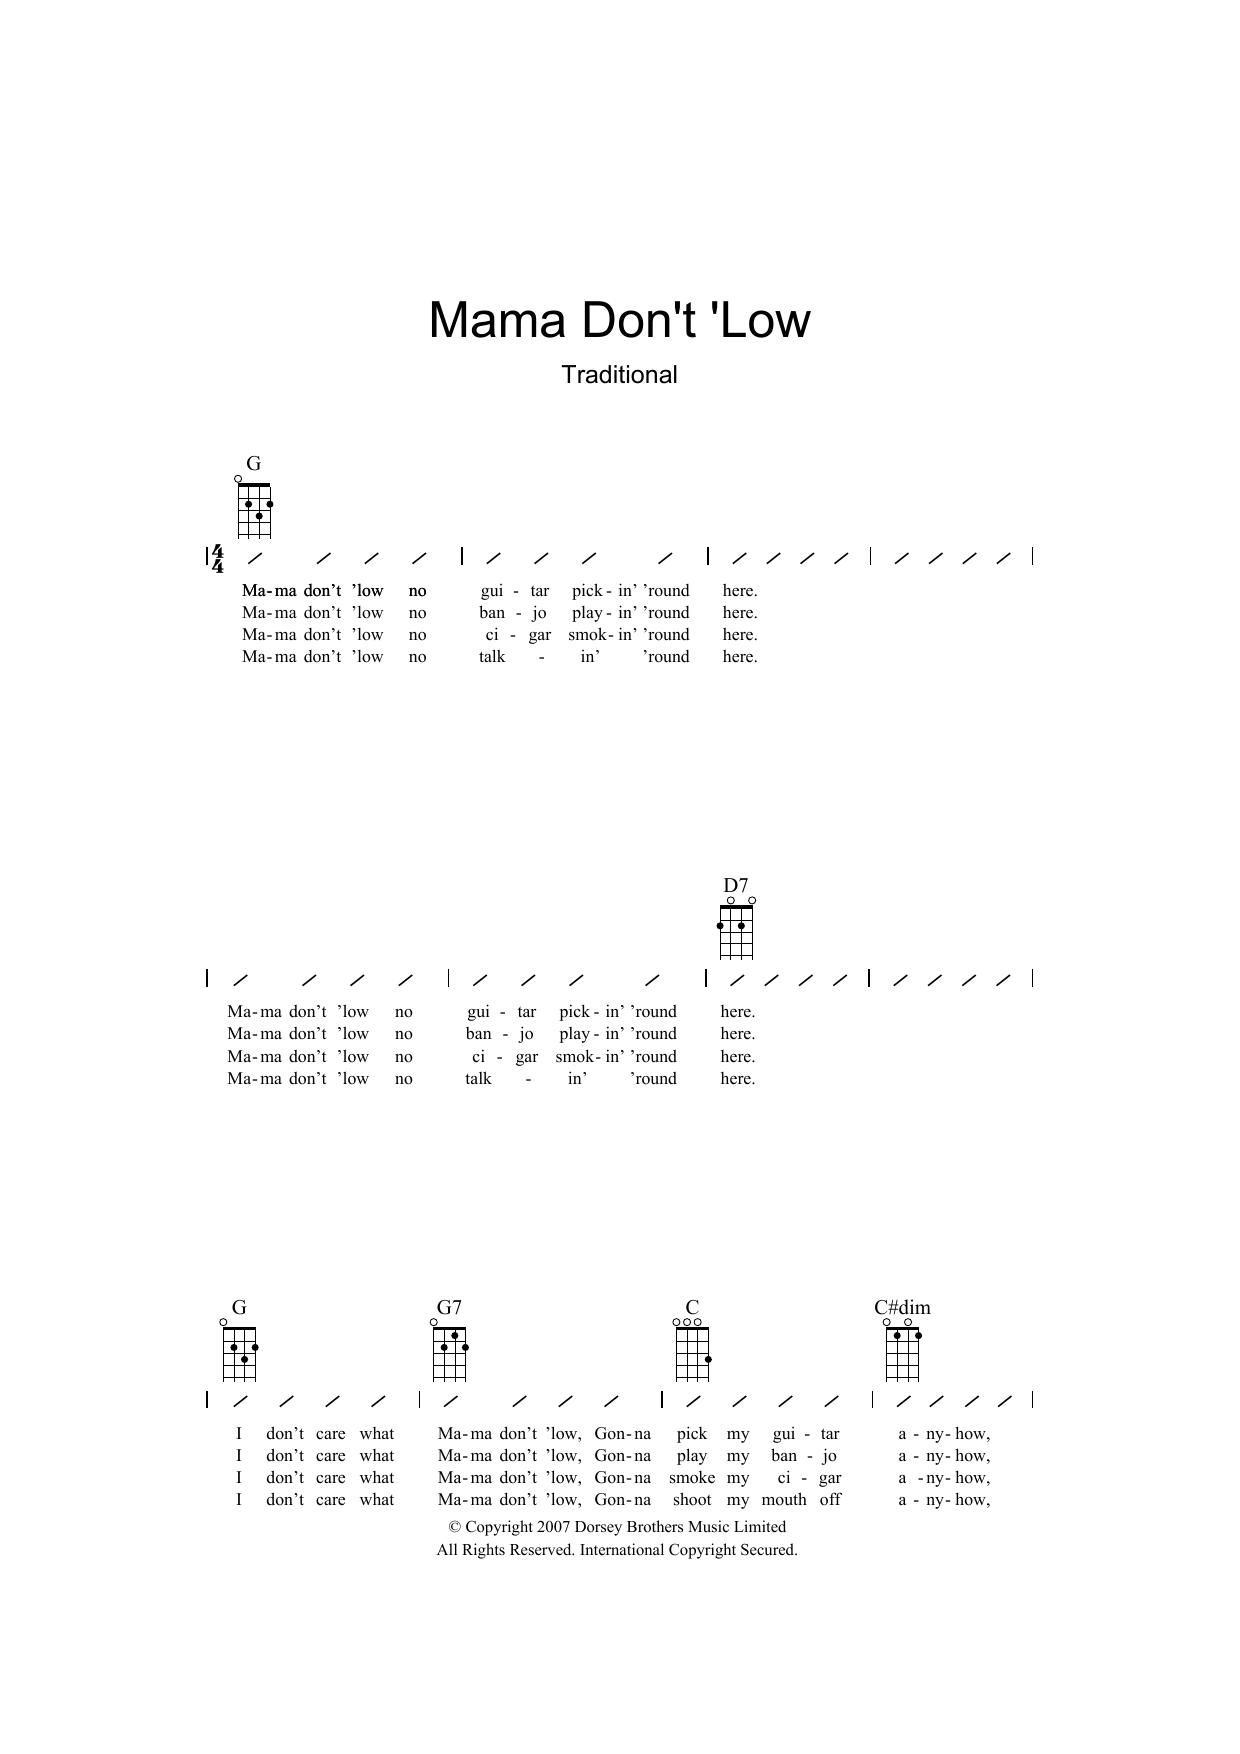 Mama Don't 'low (Ukulele Chords/Lyrics)